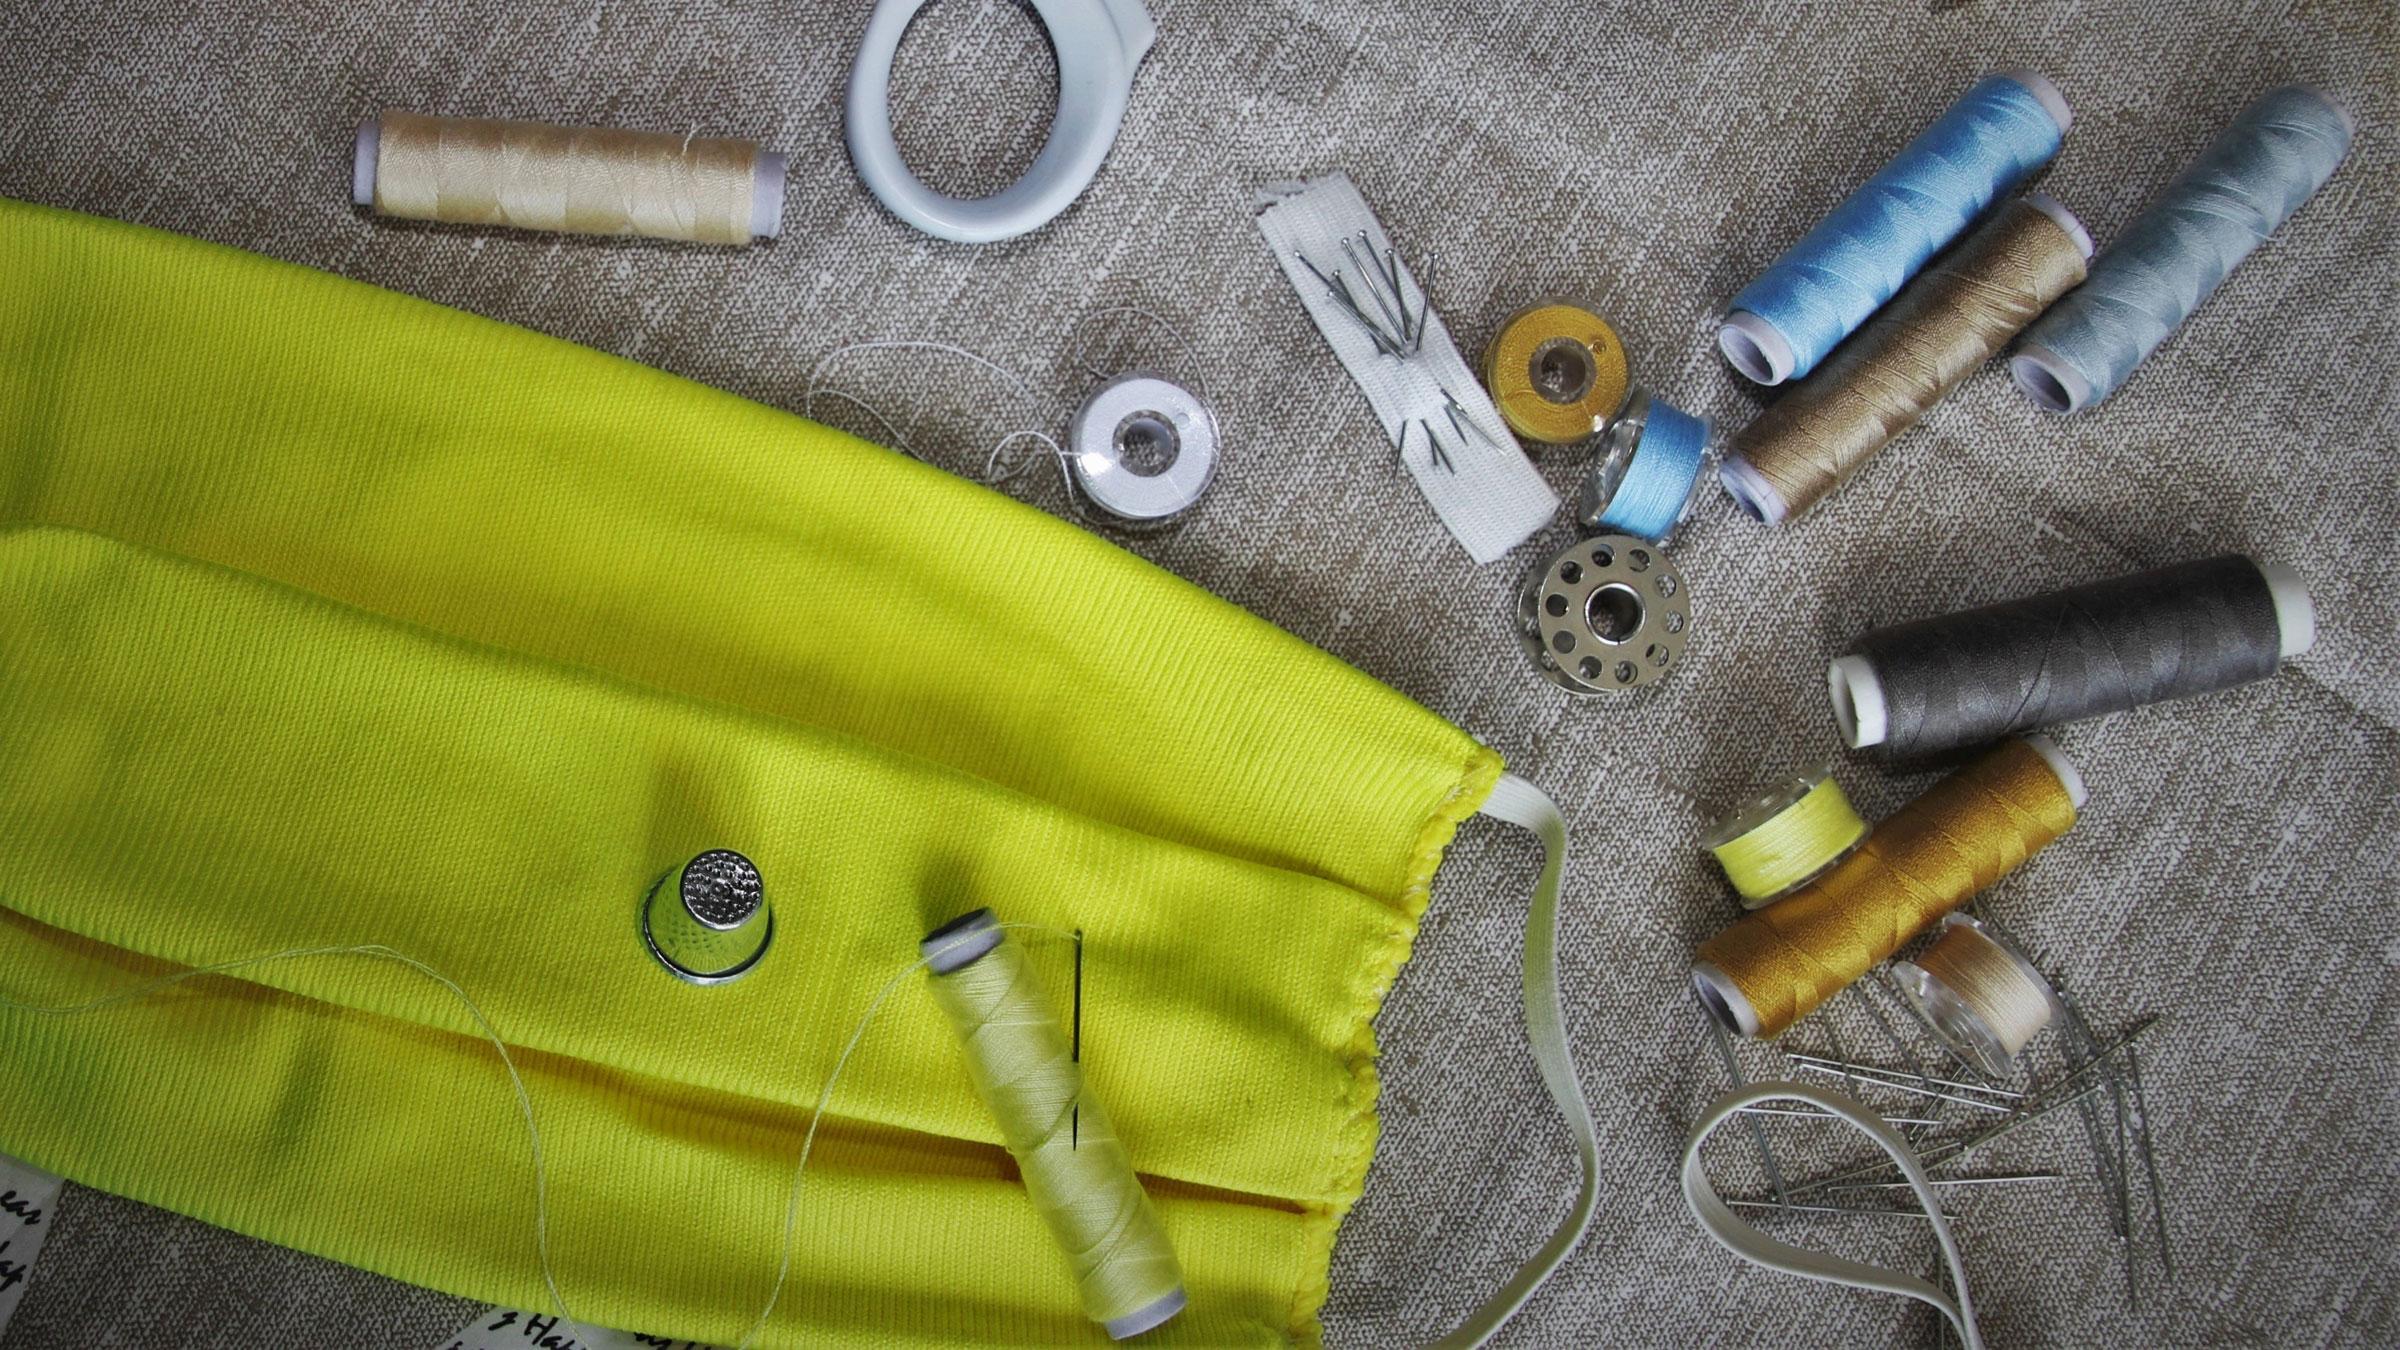 Шарфы и футболки почти не защищают от коронавируса